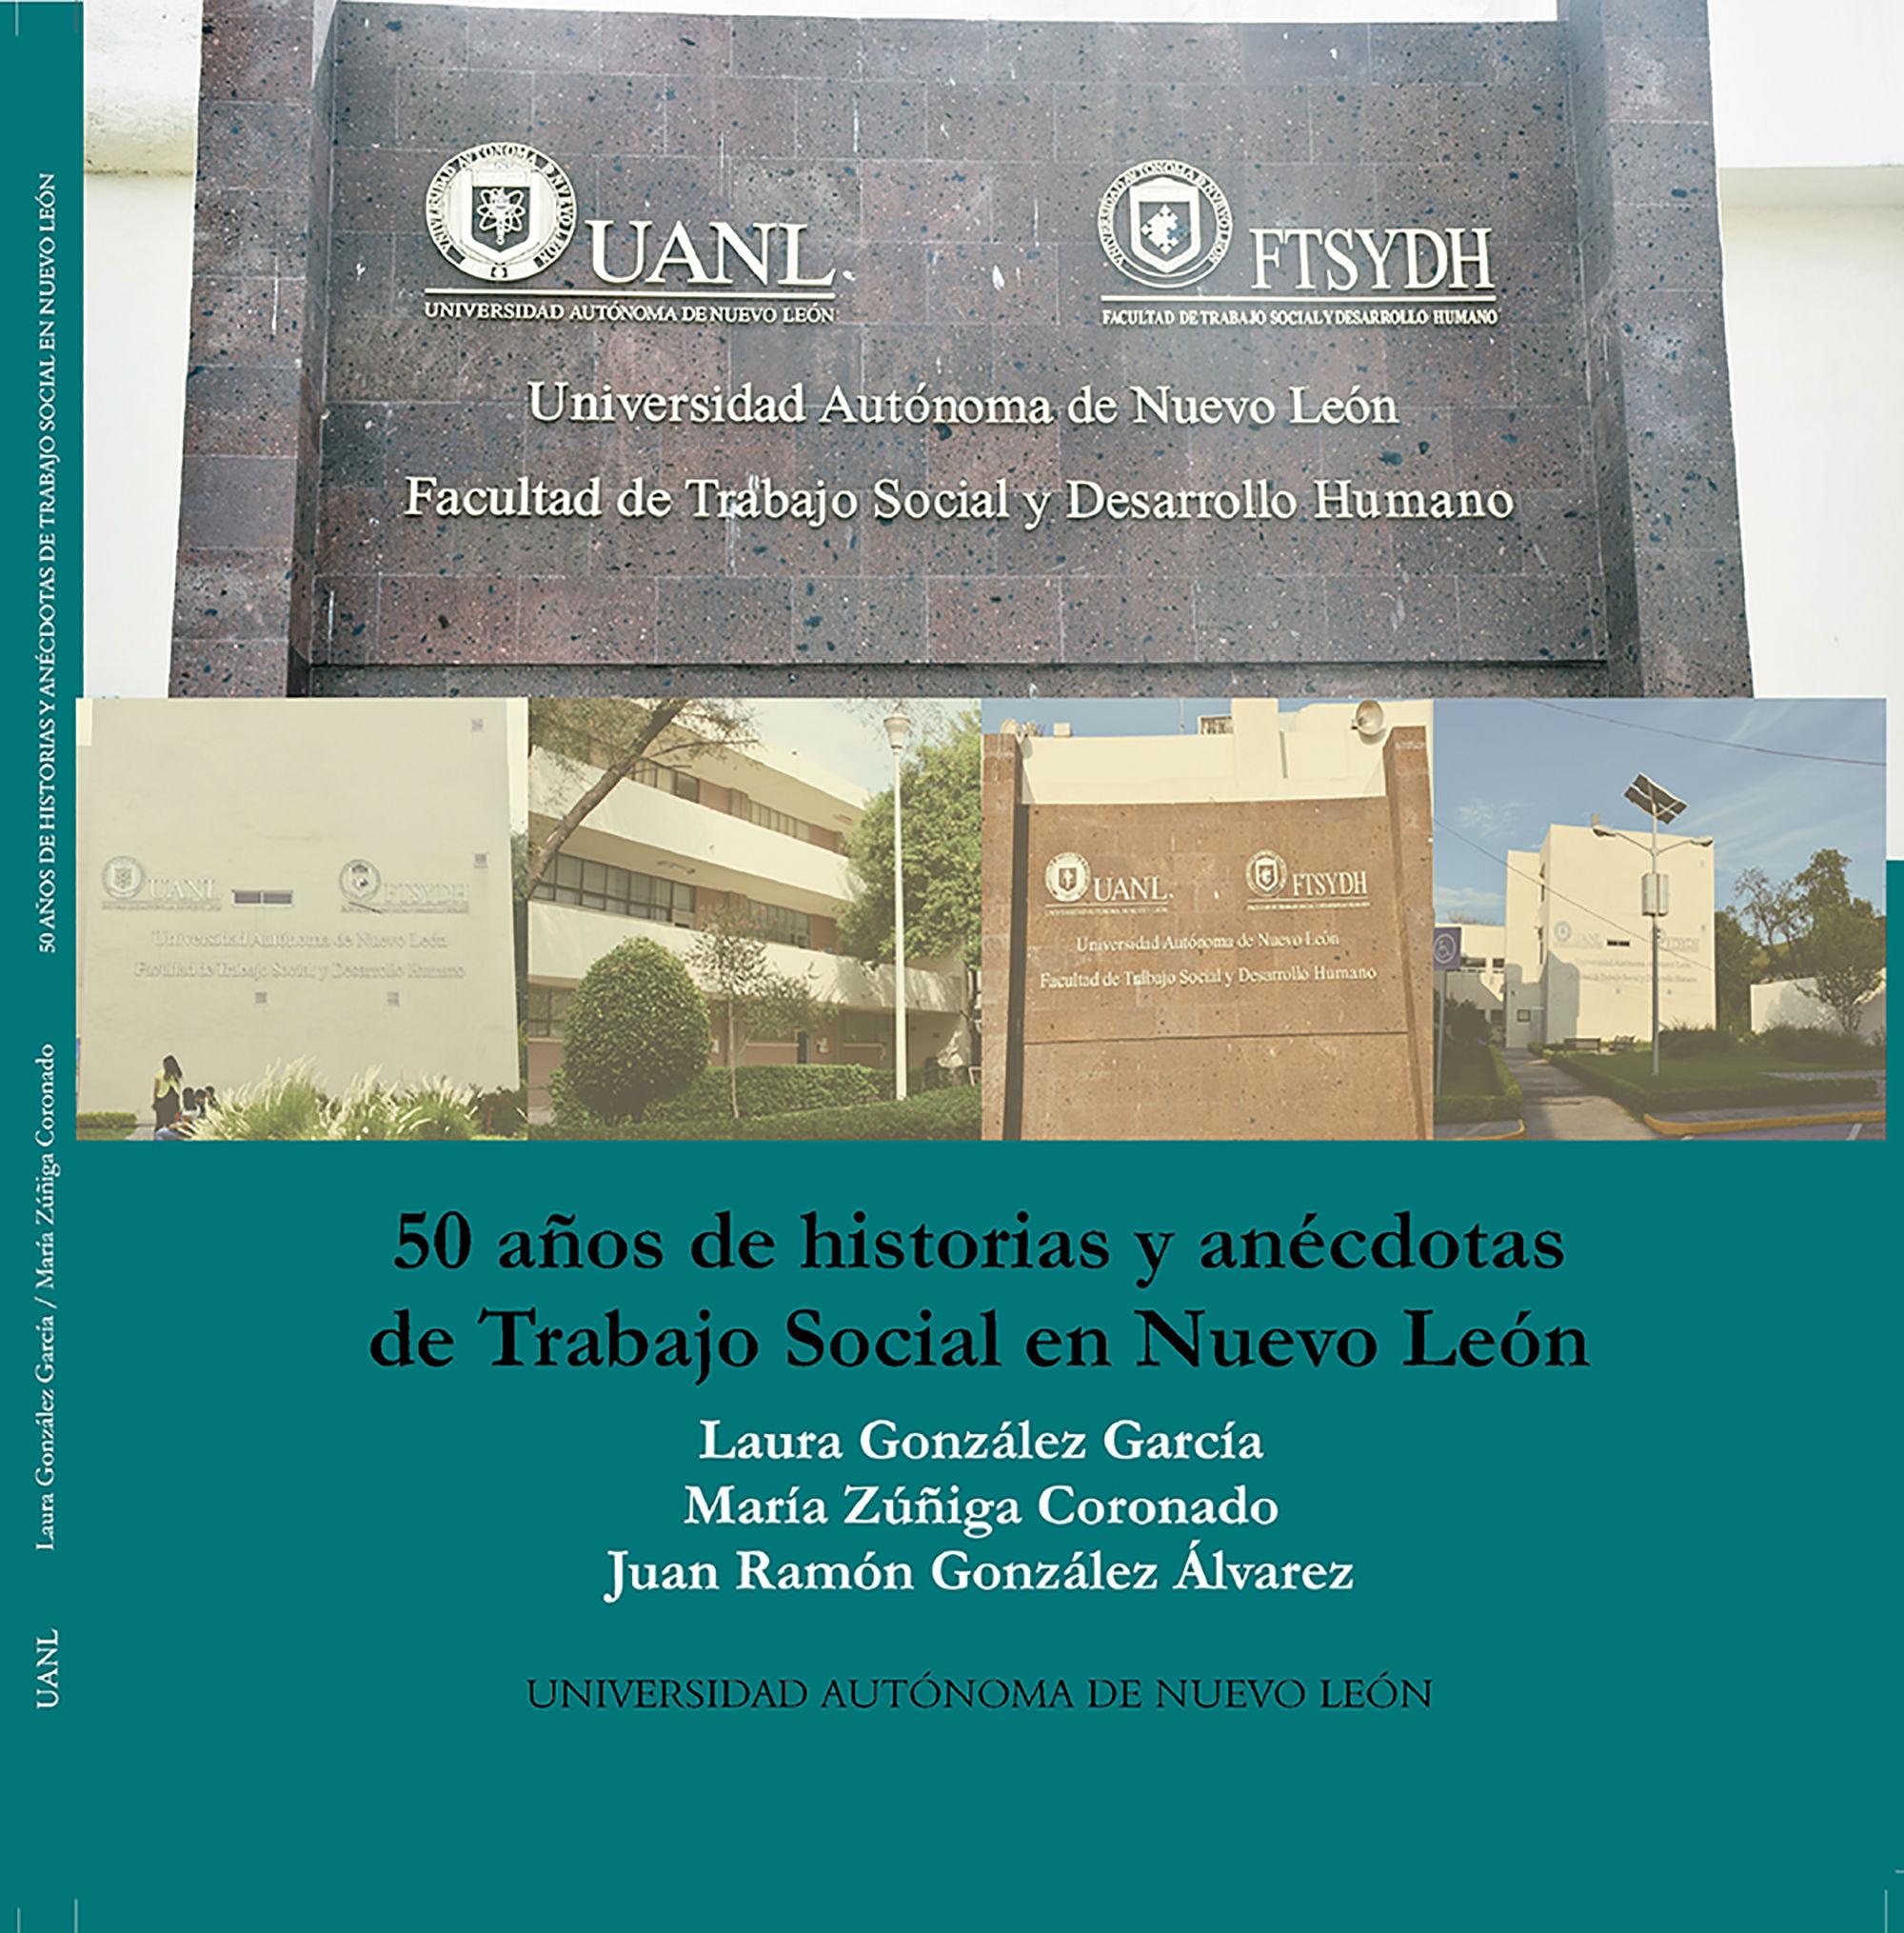 """Libro """"50 años de historias y anécdotas de Trabajo Social en Nuevo León"""""""